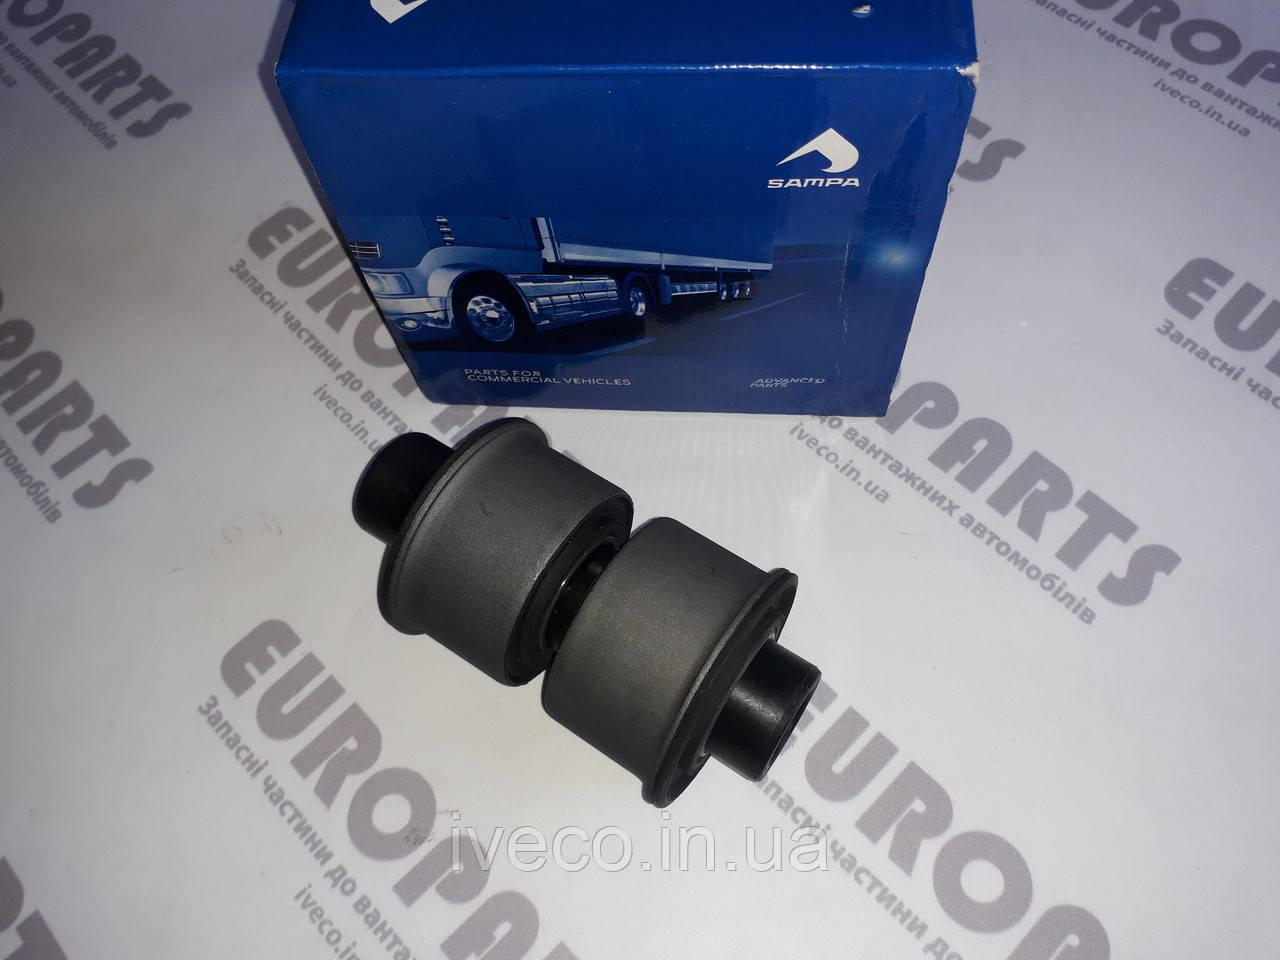 Ремкомплект подвески кабины Iveco Trakker Eurotrakker Stralis Ивеко 500357265 504021532 втулки + палец